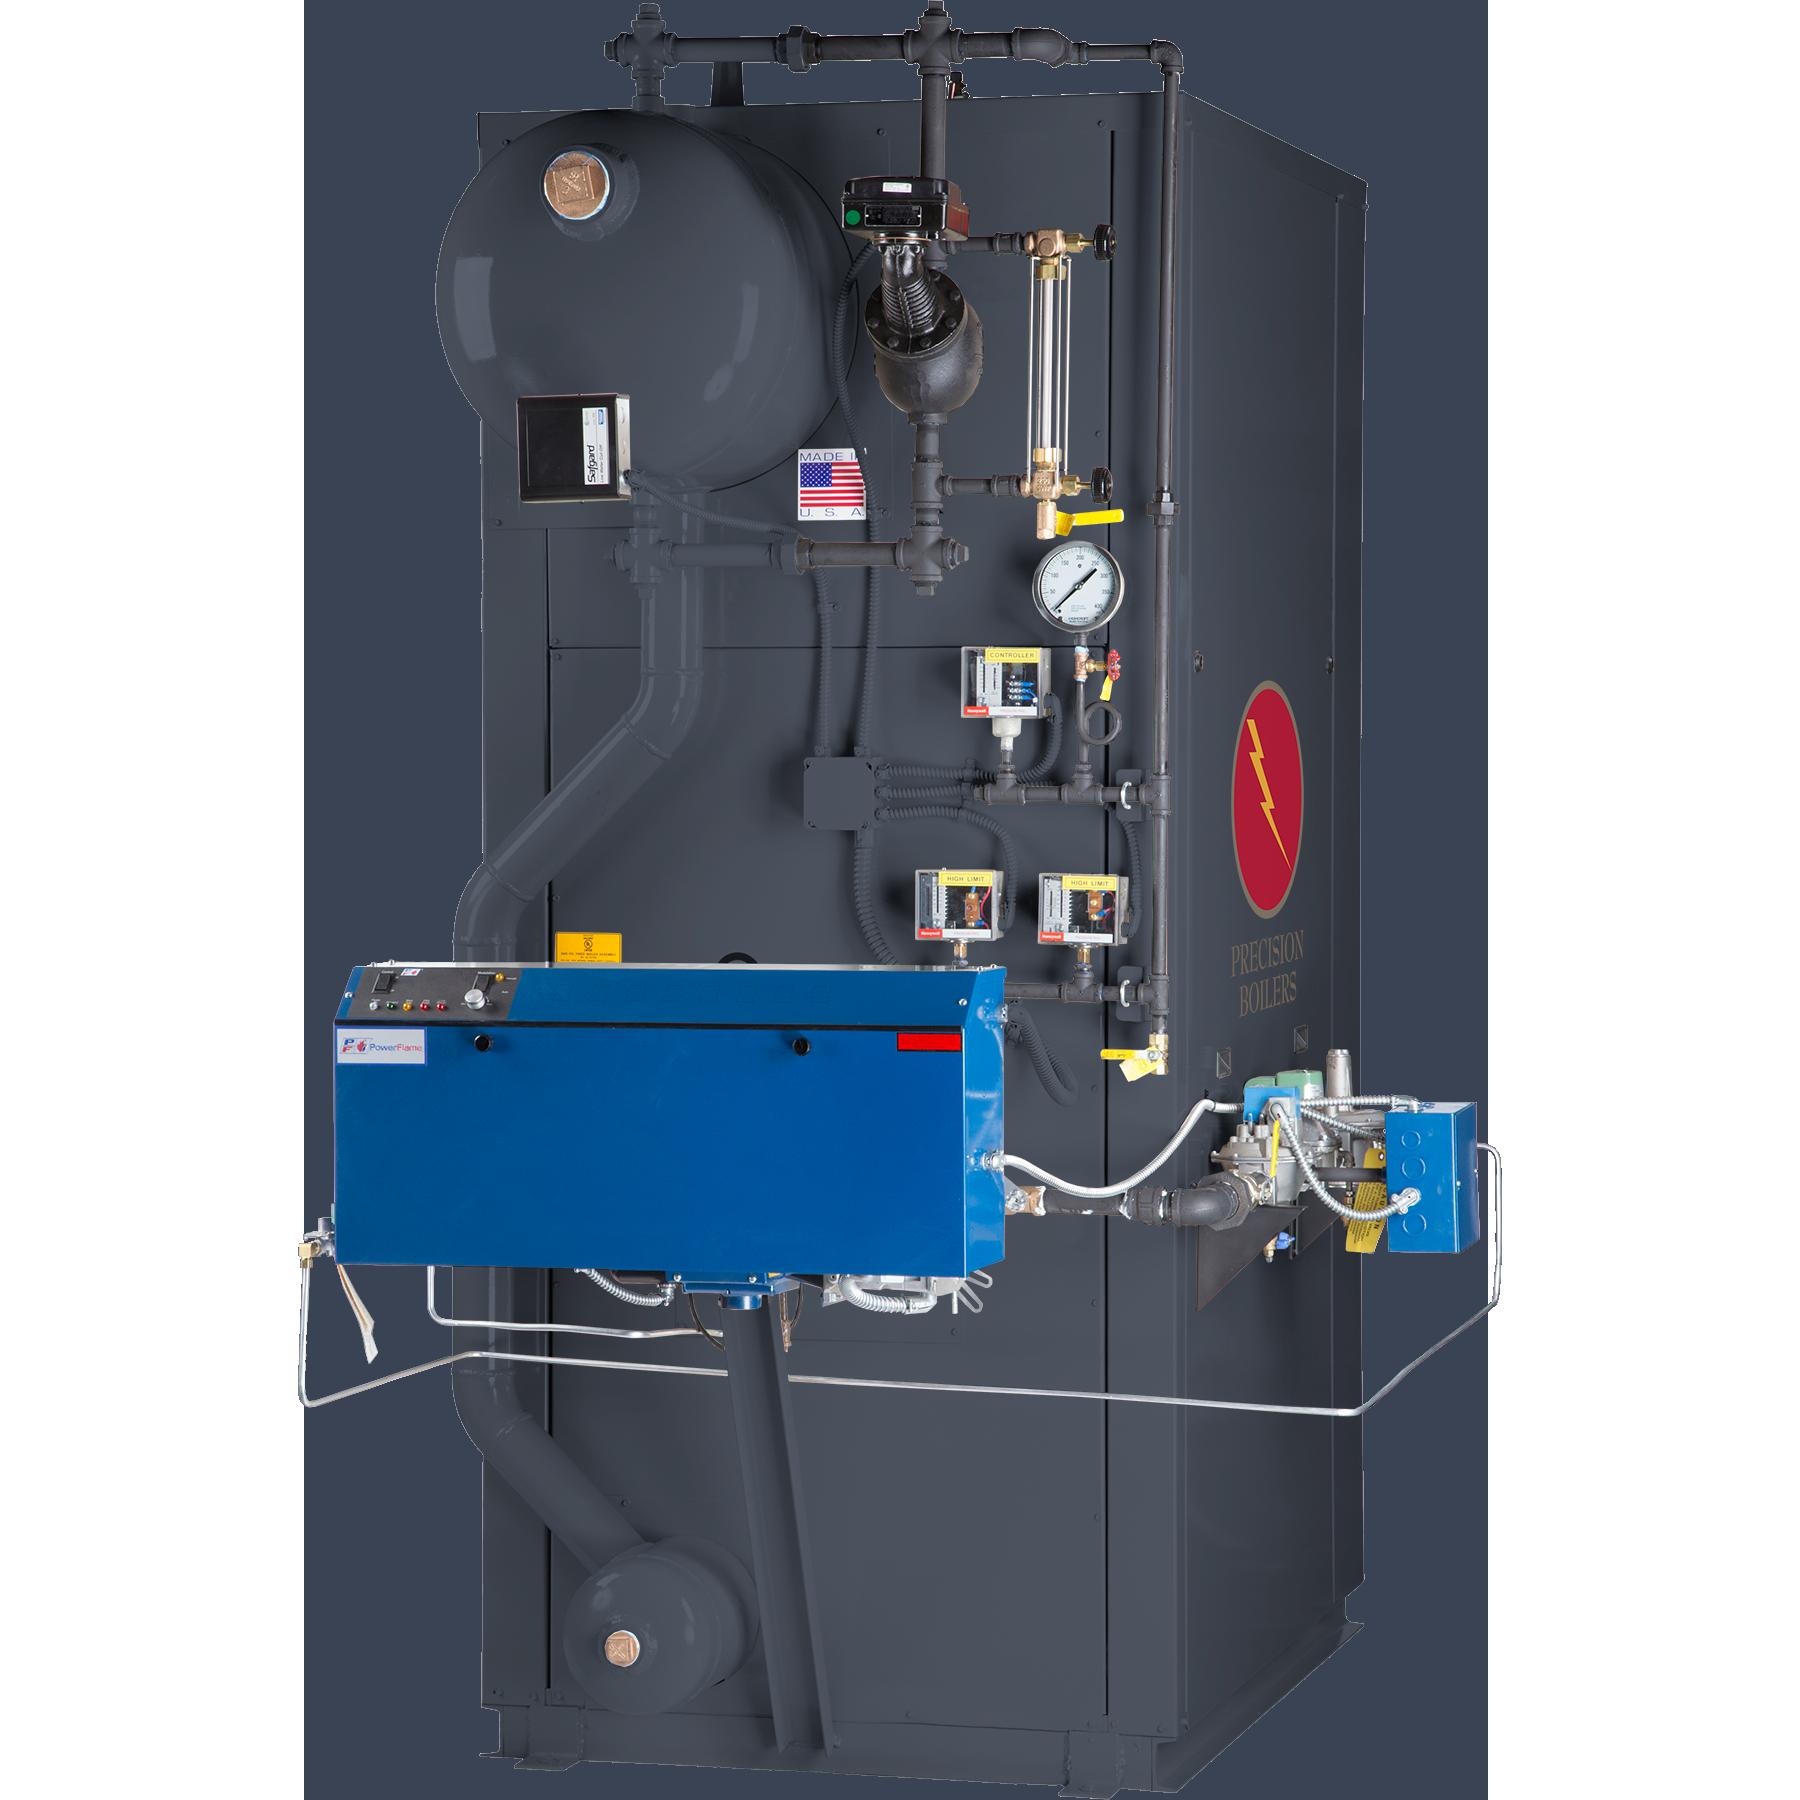 Model FTS Gas Steam Boiler